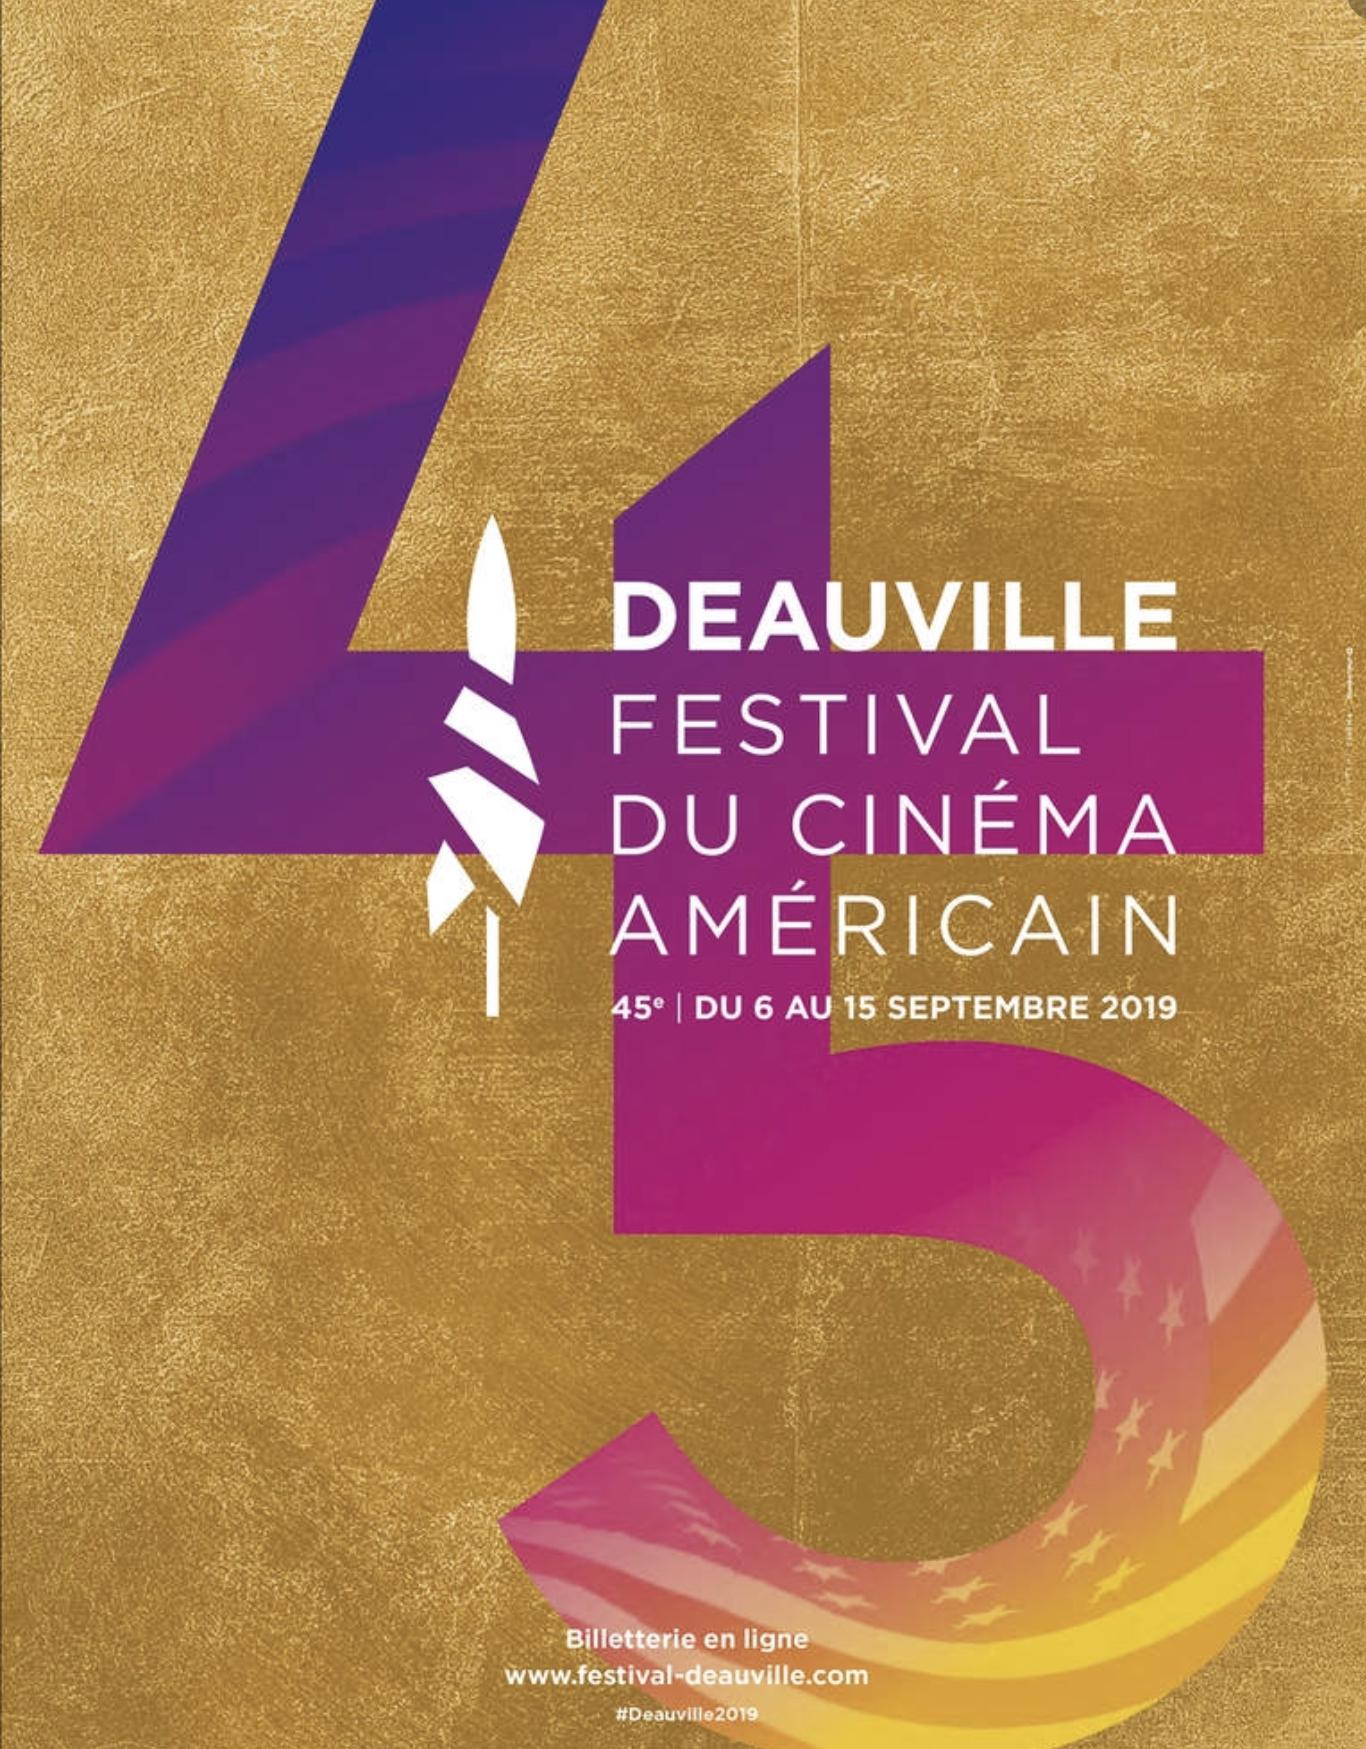 9월에 개최될 '도빌 미국 영화제'.jpg